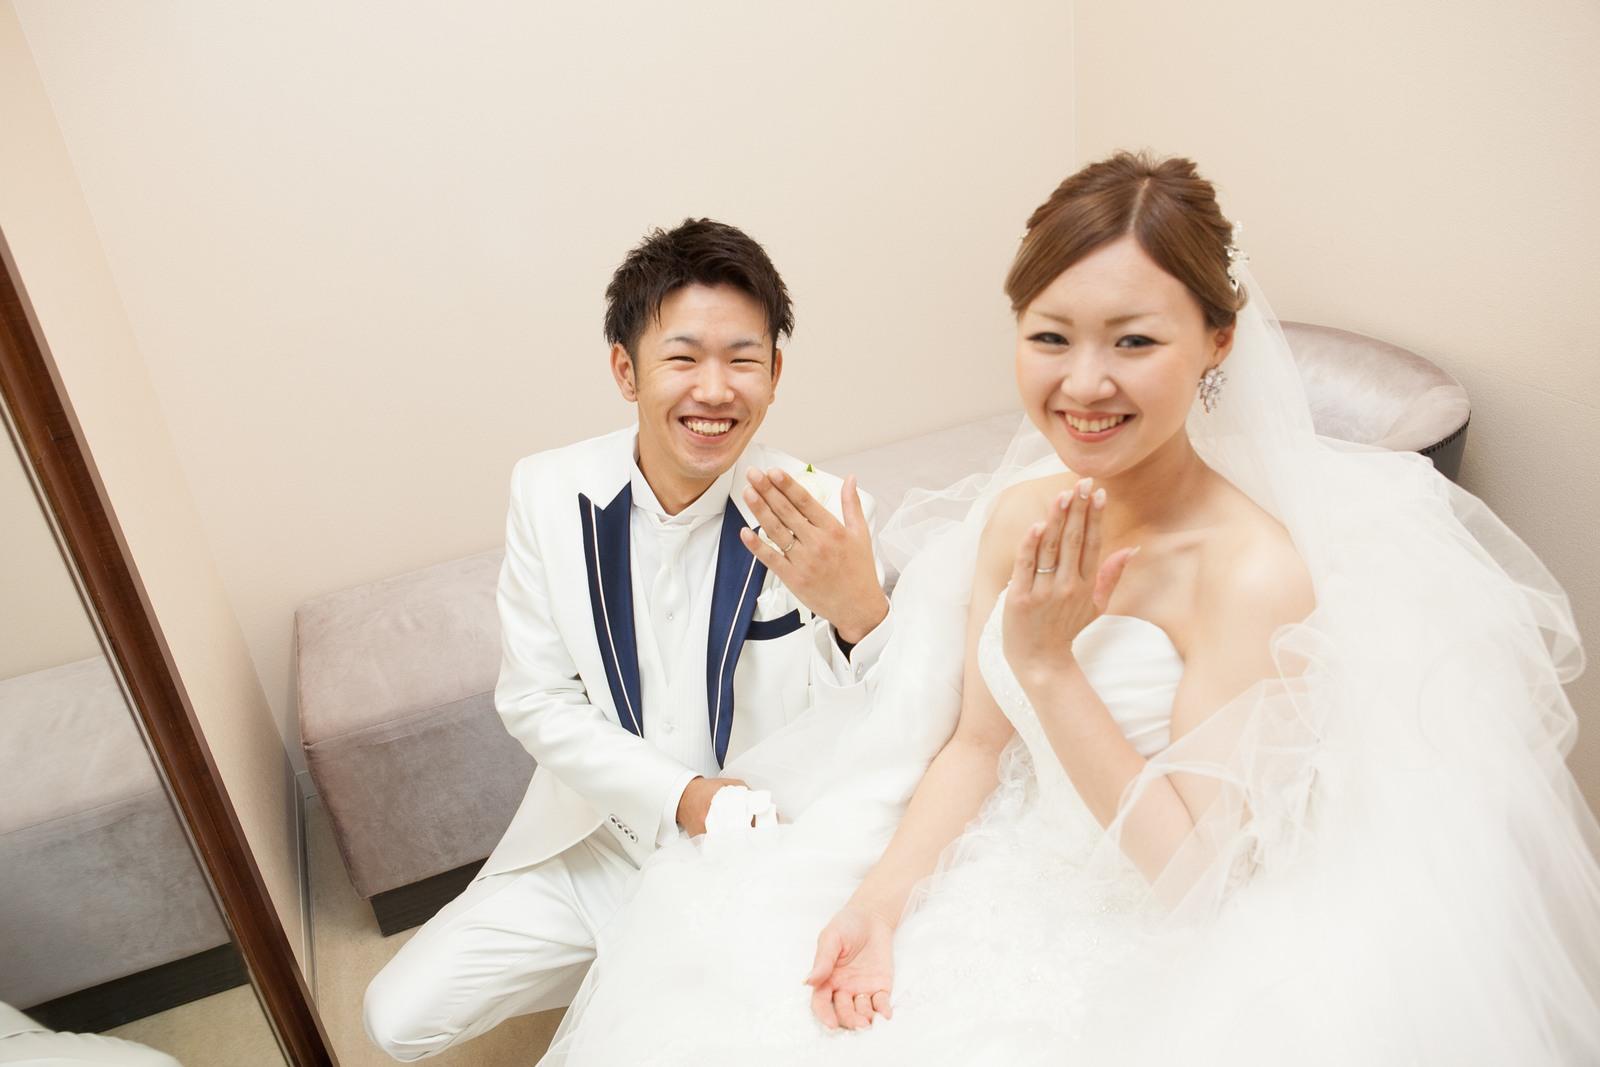 徳島市の結婚式場ブランアンジュでチャペル式後の貴重なワンシーン